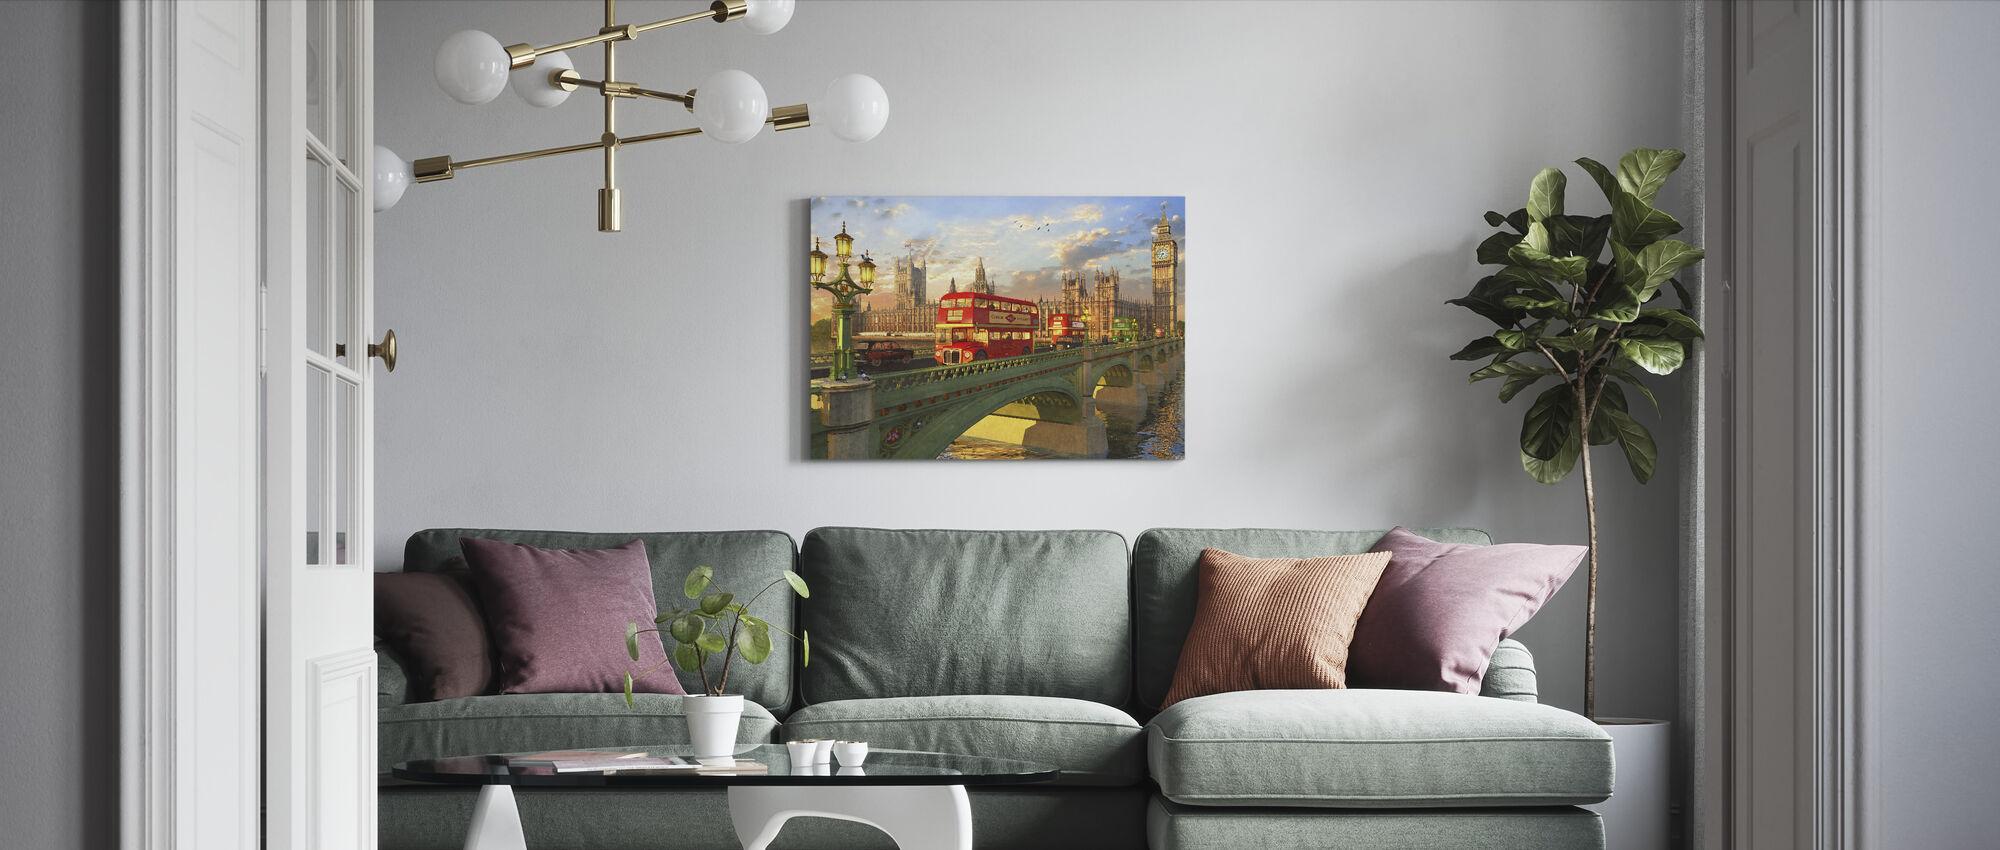 Busser i Westminster Bridge - Billede på lærred - Stue